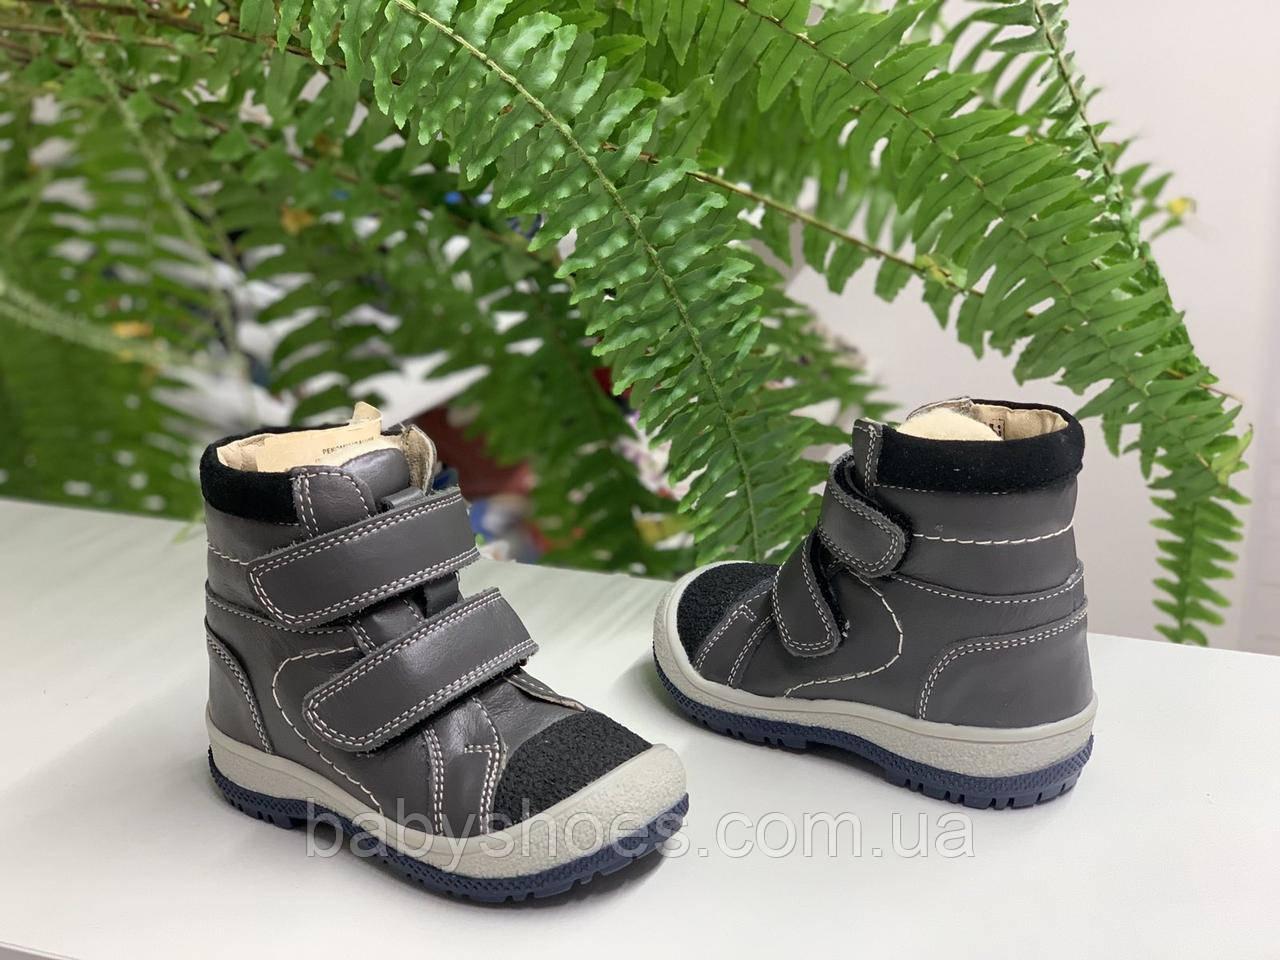 Берегиня детские зимние ботинки  кожа р.21,22. мод.2115